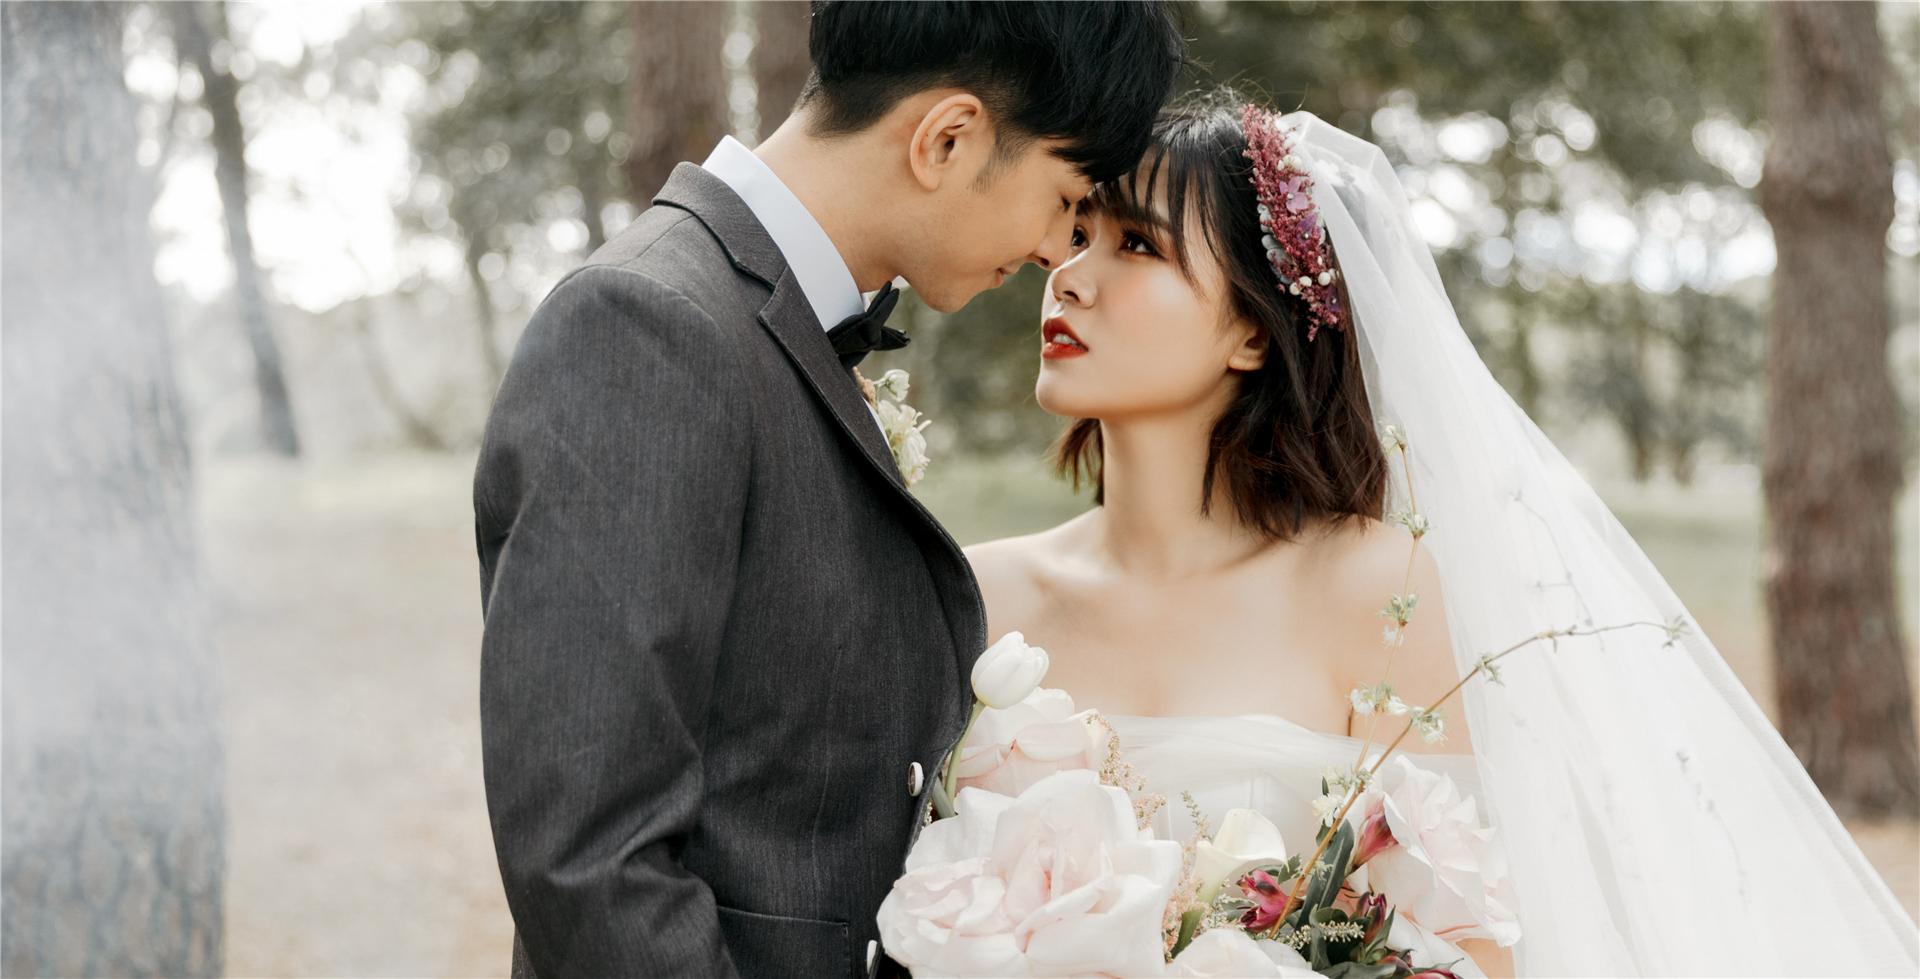 明星左立婚纱摄影,明星婚纱摄影工作室,悉尼婚纱摄影